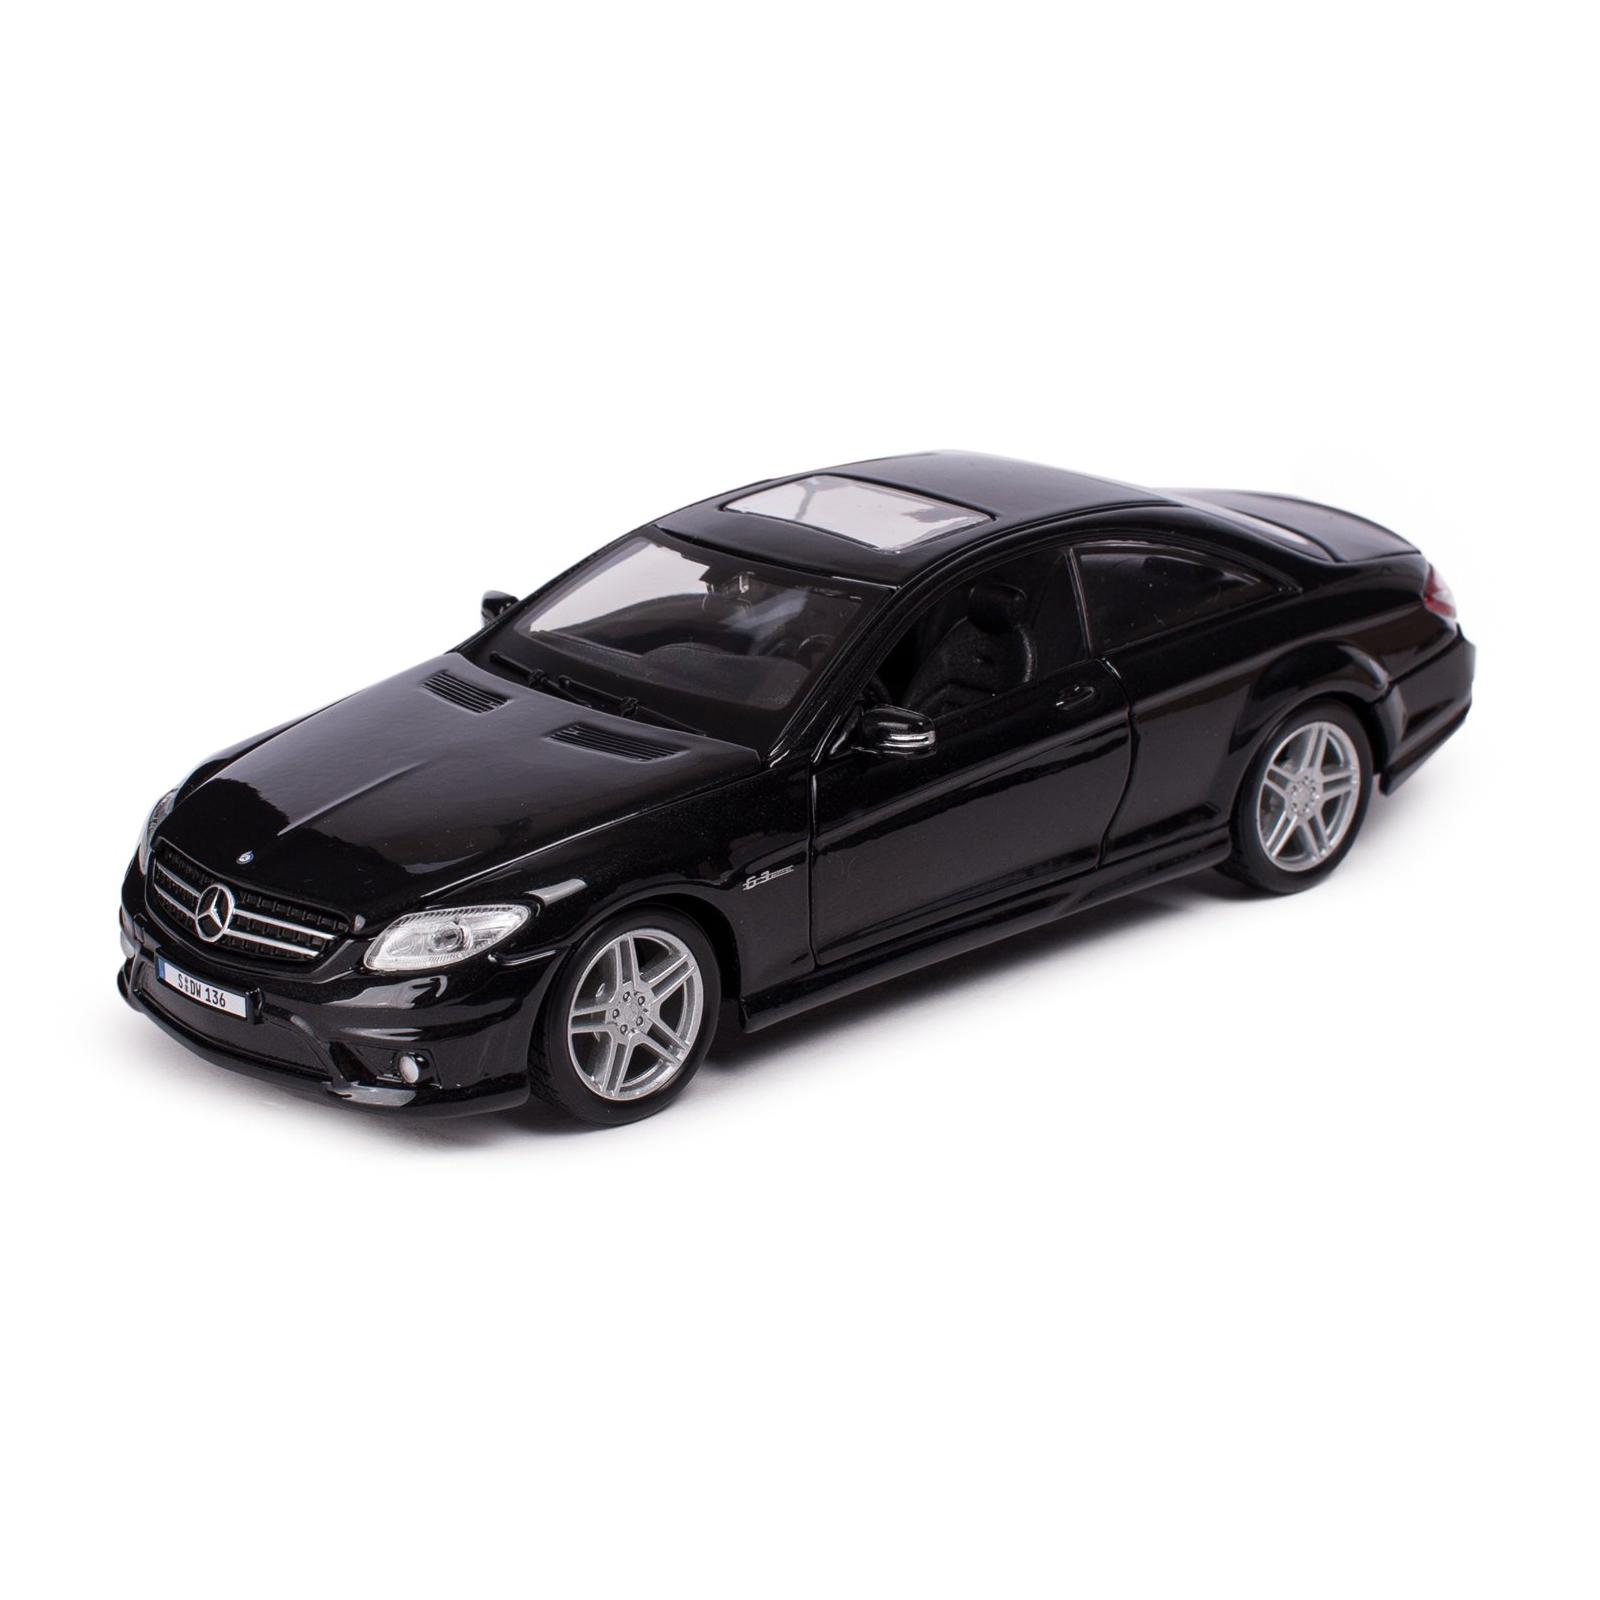 Машина Maisto Mercedes-Benz CL63 AMG (1:24) черный металлик (31297 met. black)